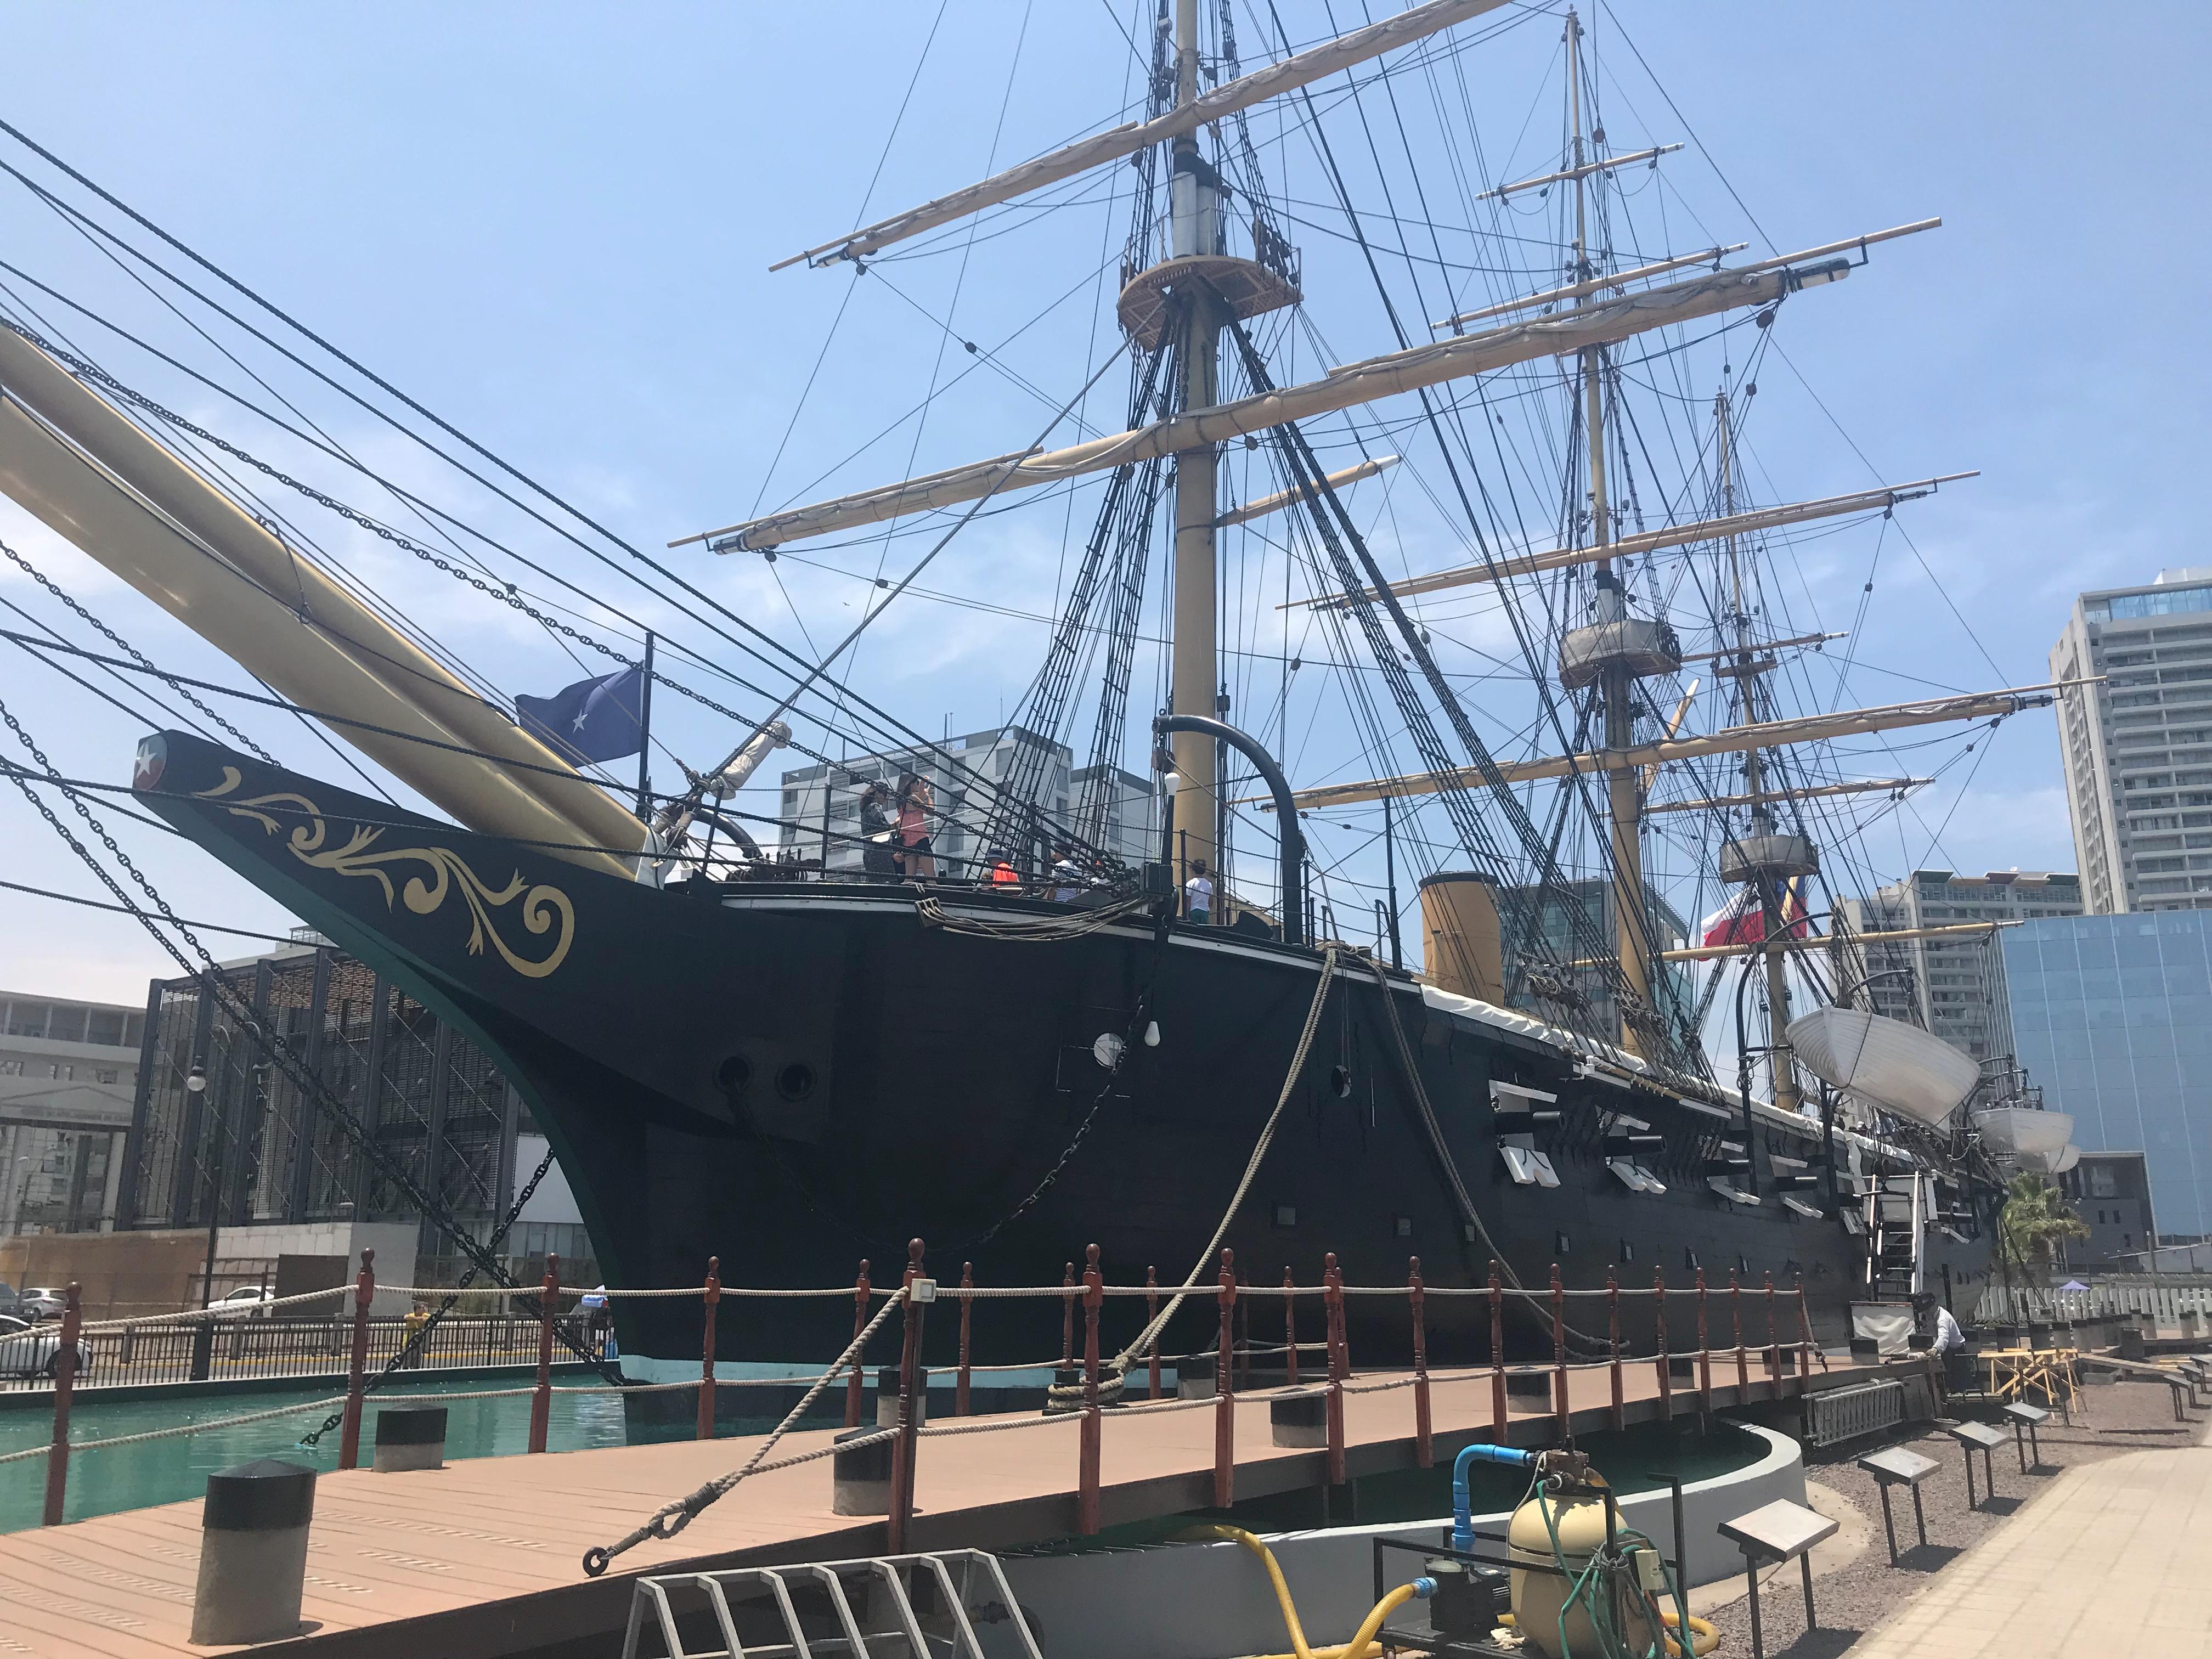 Museo Corbeta Esmeralda | Mi blog de aventuras | 2018